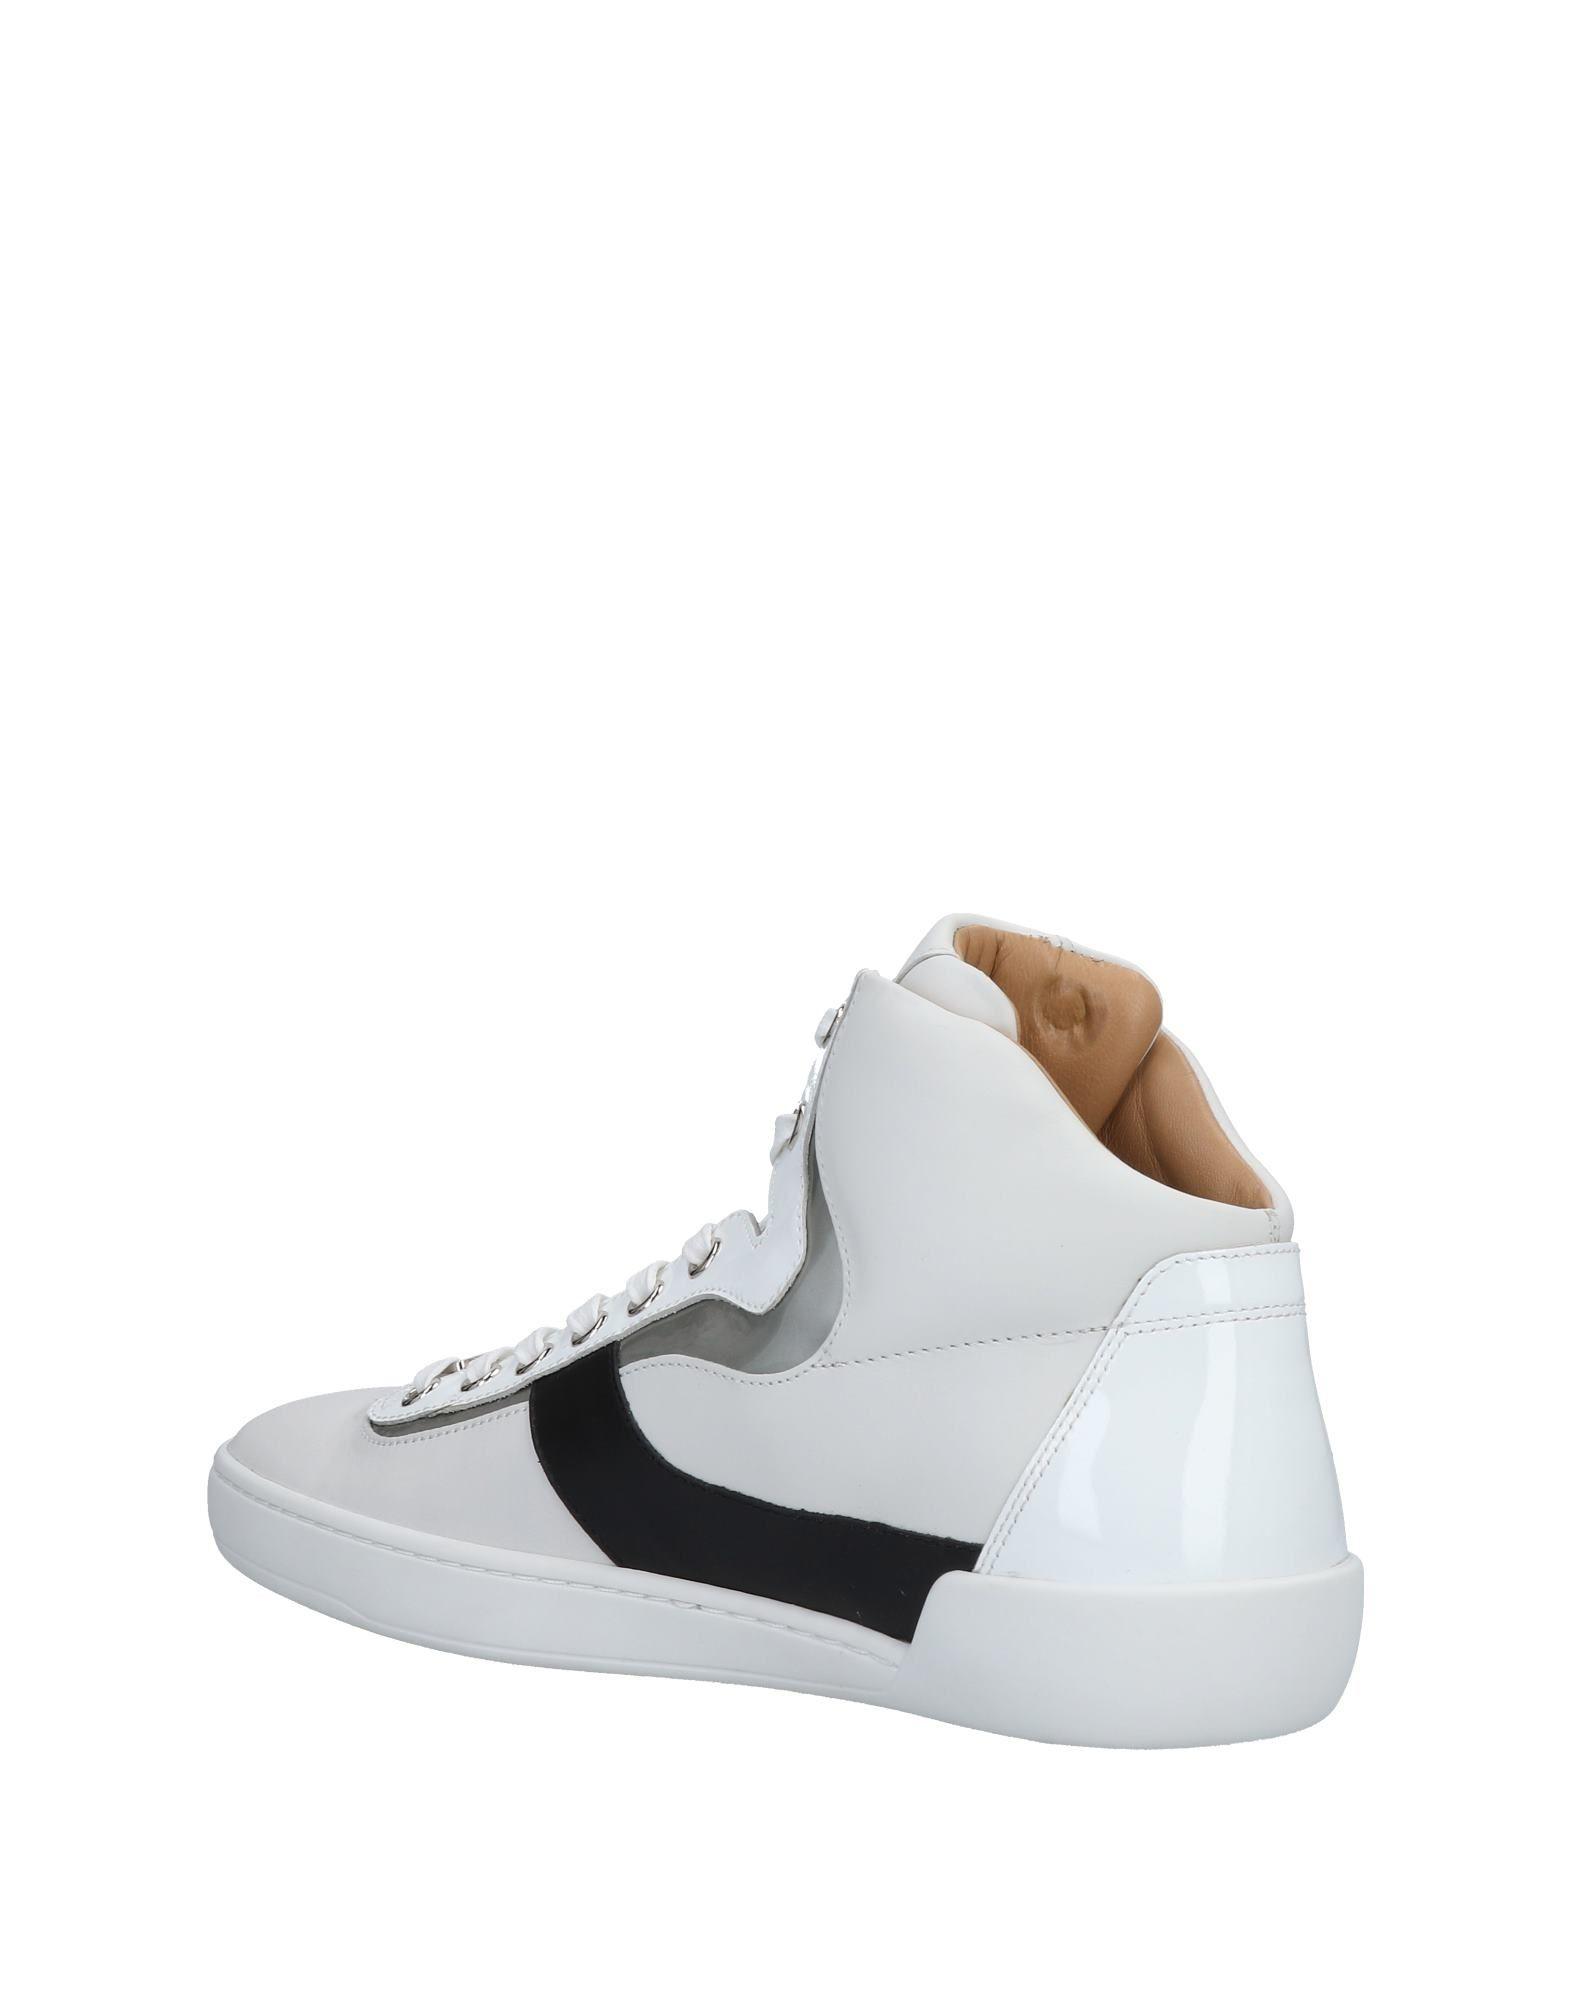 Scarpe economiche e resistenti Sneakers Bally Uomo - 11476631XL